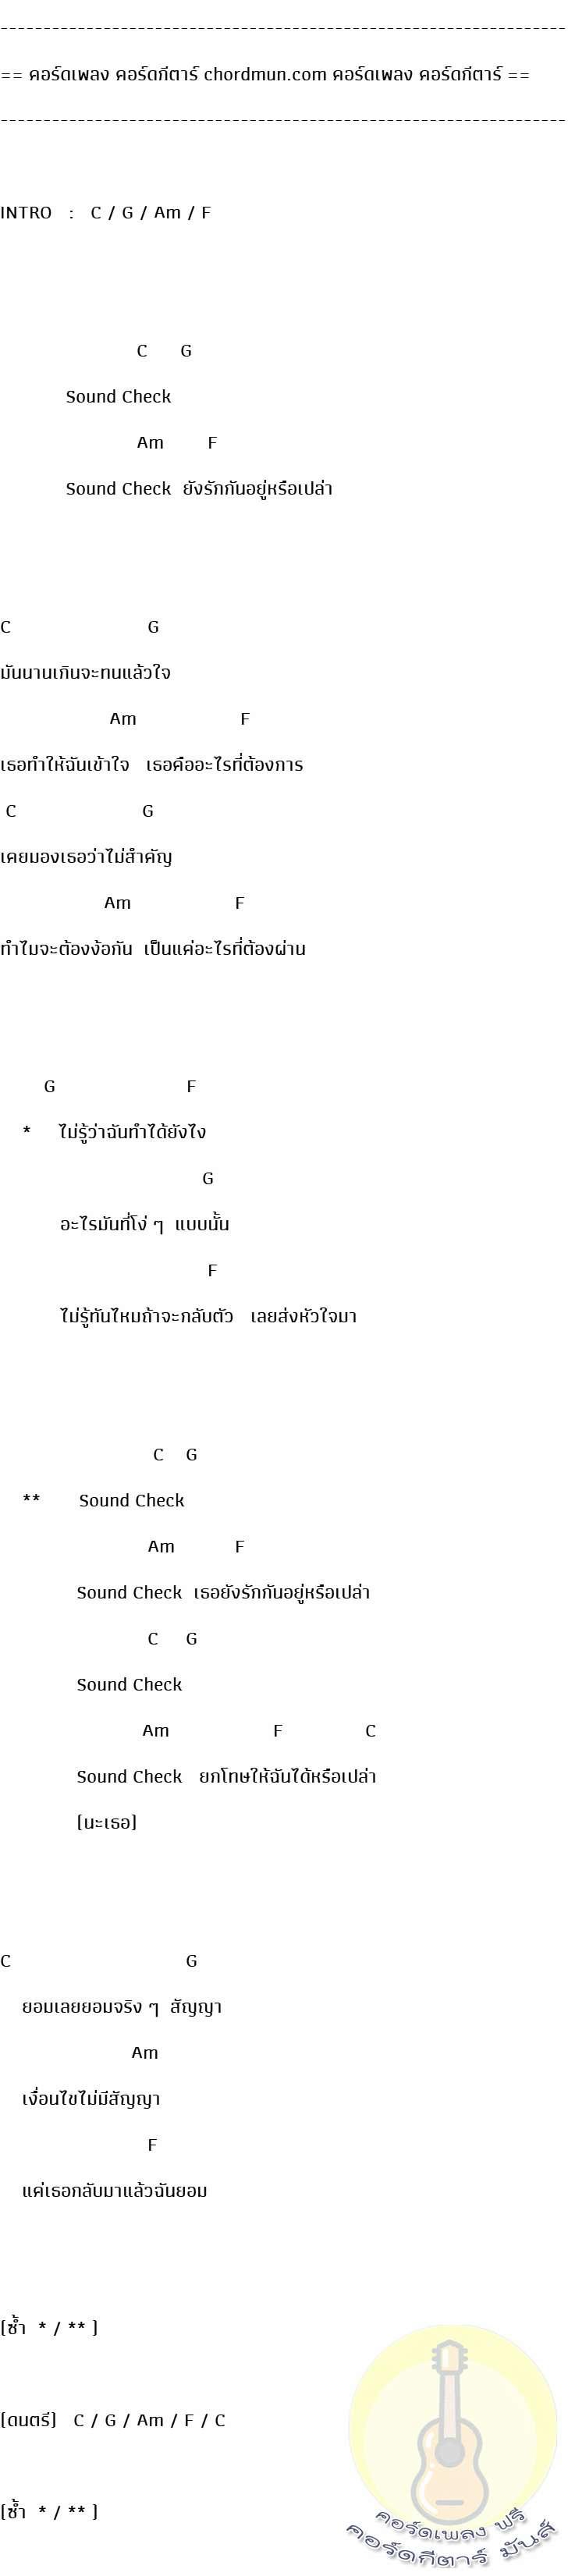 คอร์ดกีตาร์  เพลง Sound Check